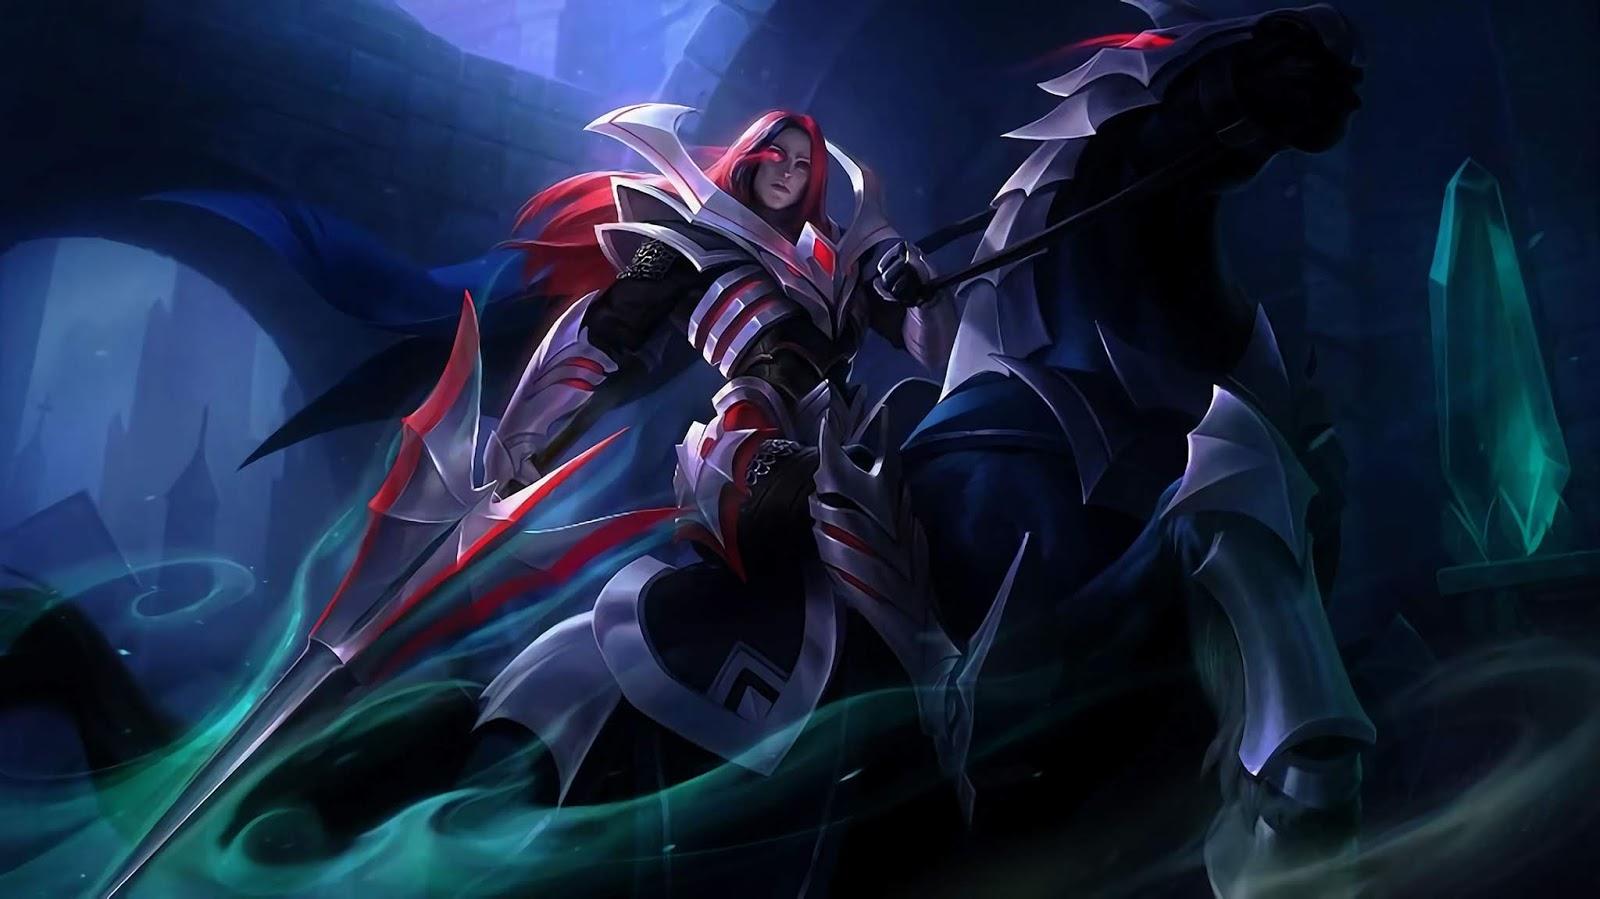 Wallpaper Leomord Phantom Knight Skin Mobile Legends Full HD for PC